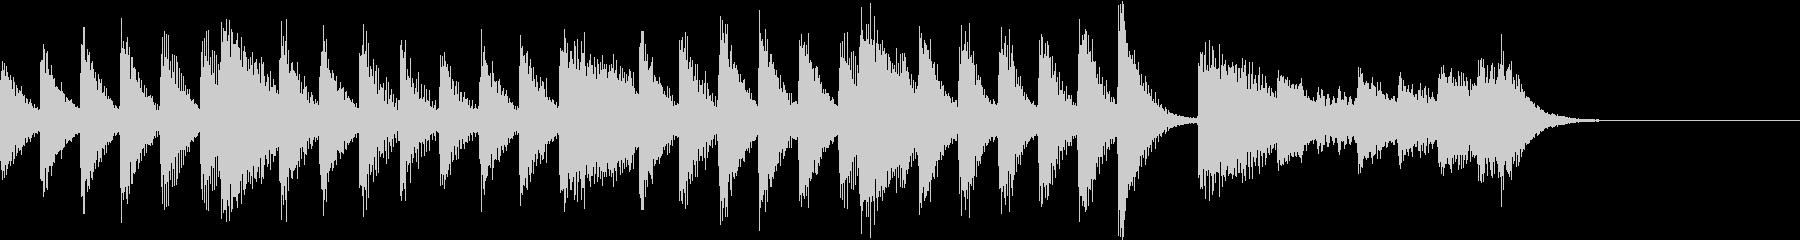 パワー&ダイアトニックのピアノジングルの未再生の波形